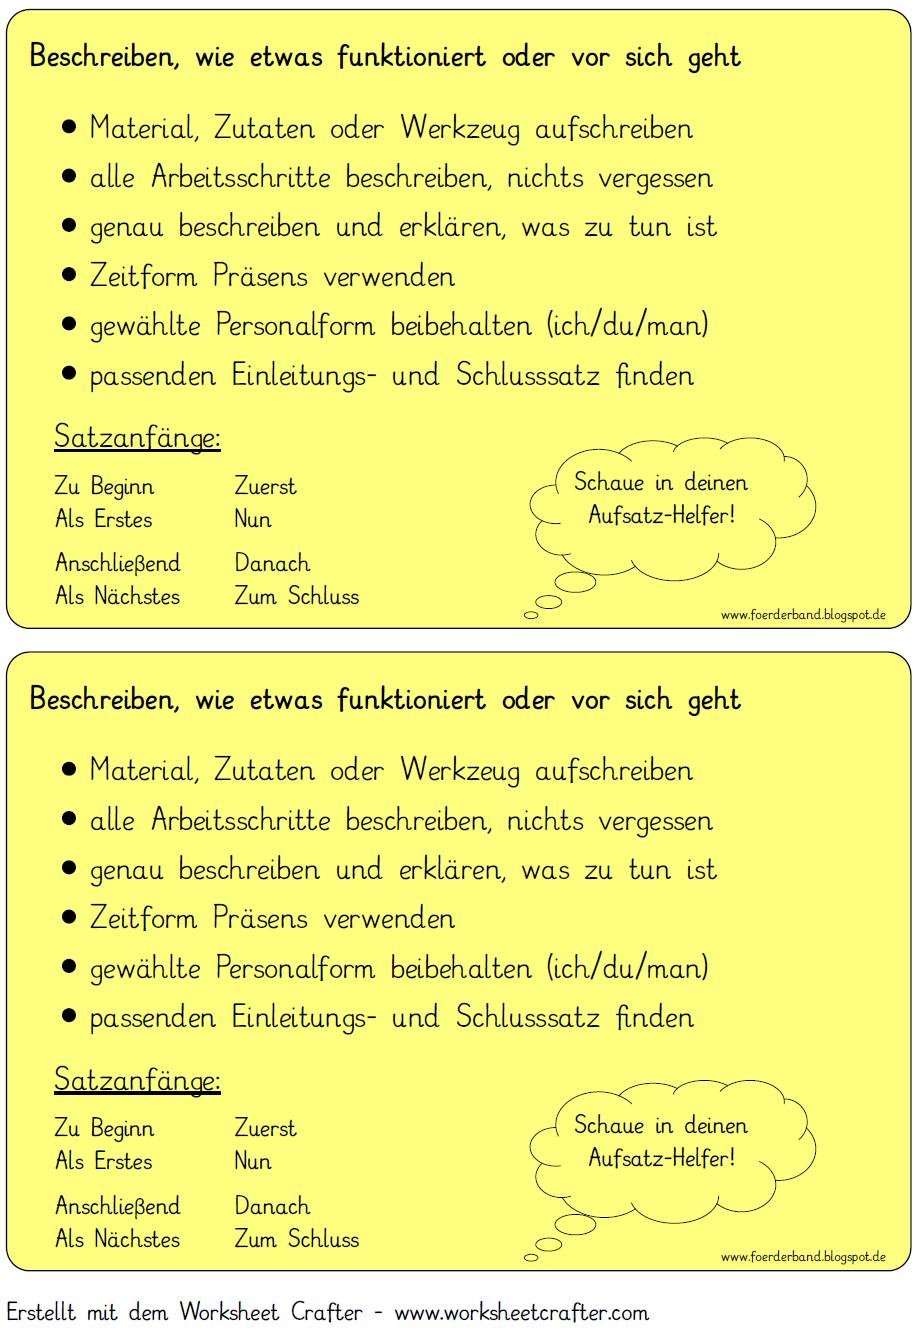 Vorgangsbeschreibung Checkliste Png 917 1334 Vorgangsbeschreibung Deutsch Unterricht Deutsche Schule